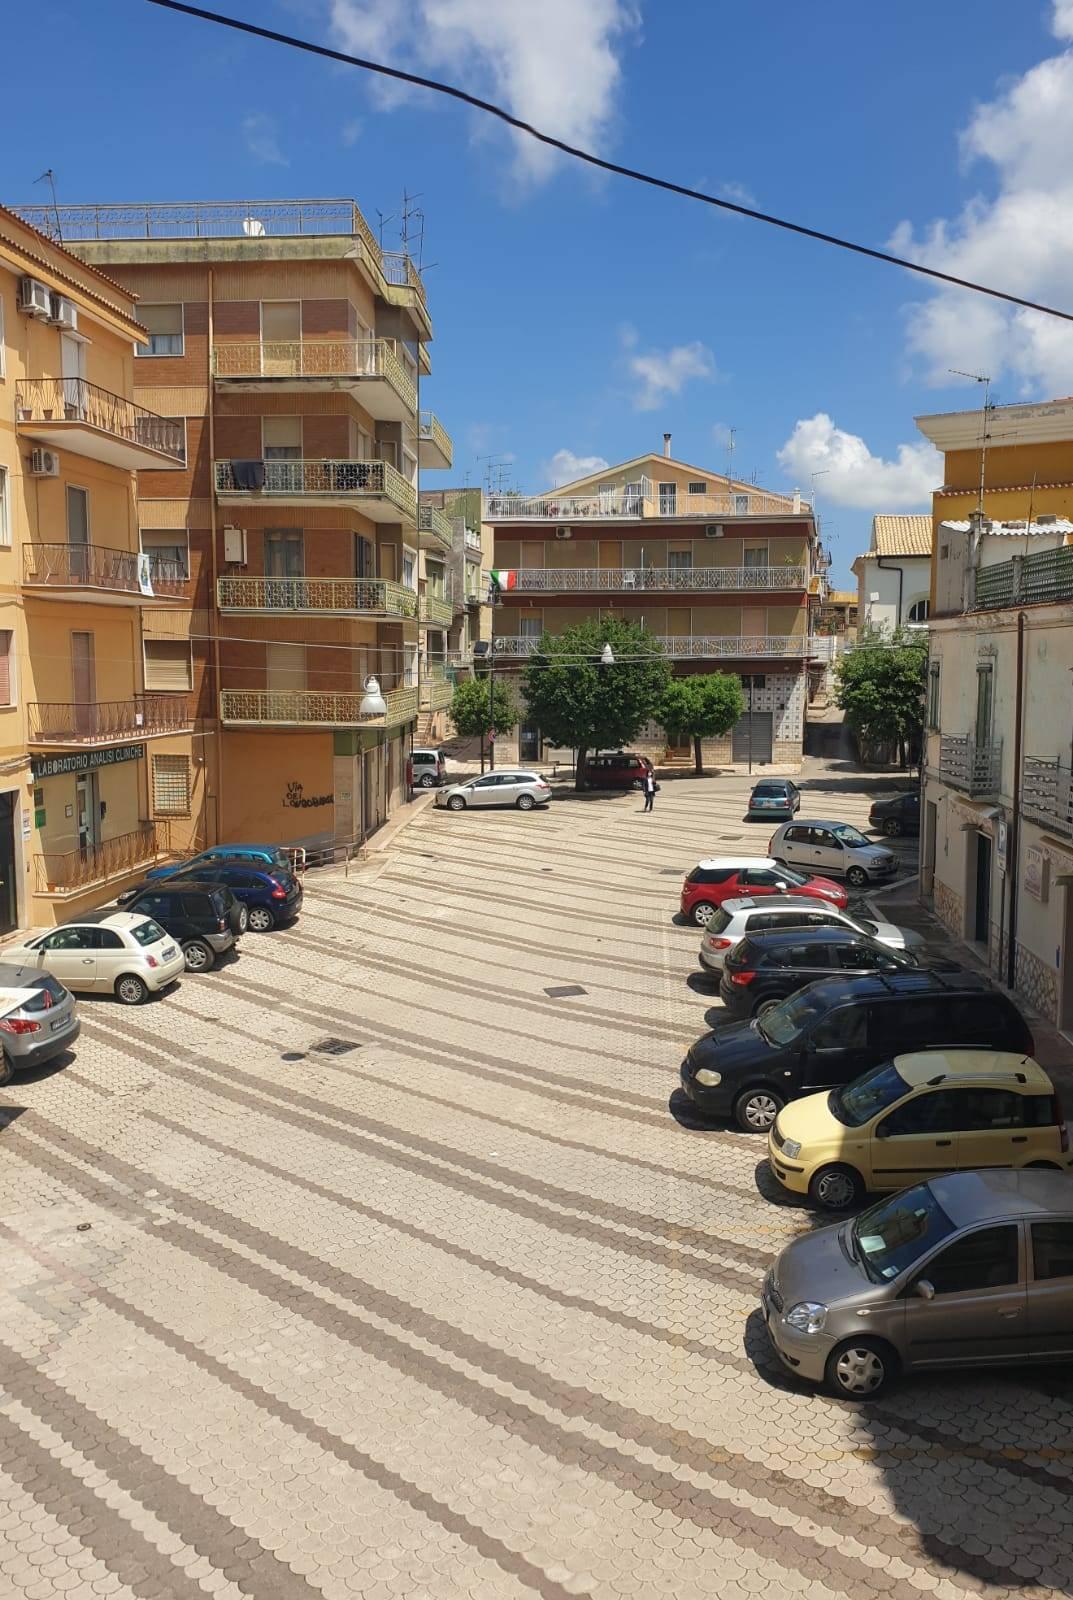 Appartamento in vendita a San Nicandro Garganico, 3 locali, zona Località: CENTRO, prezzo € 68.000   CambioCasa.it